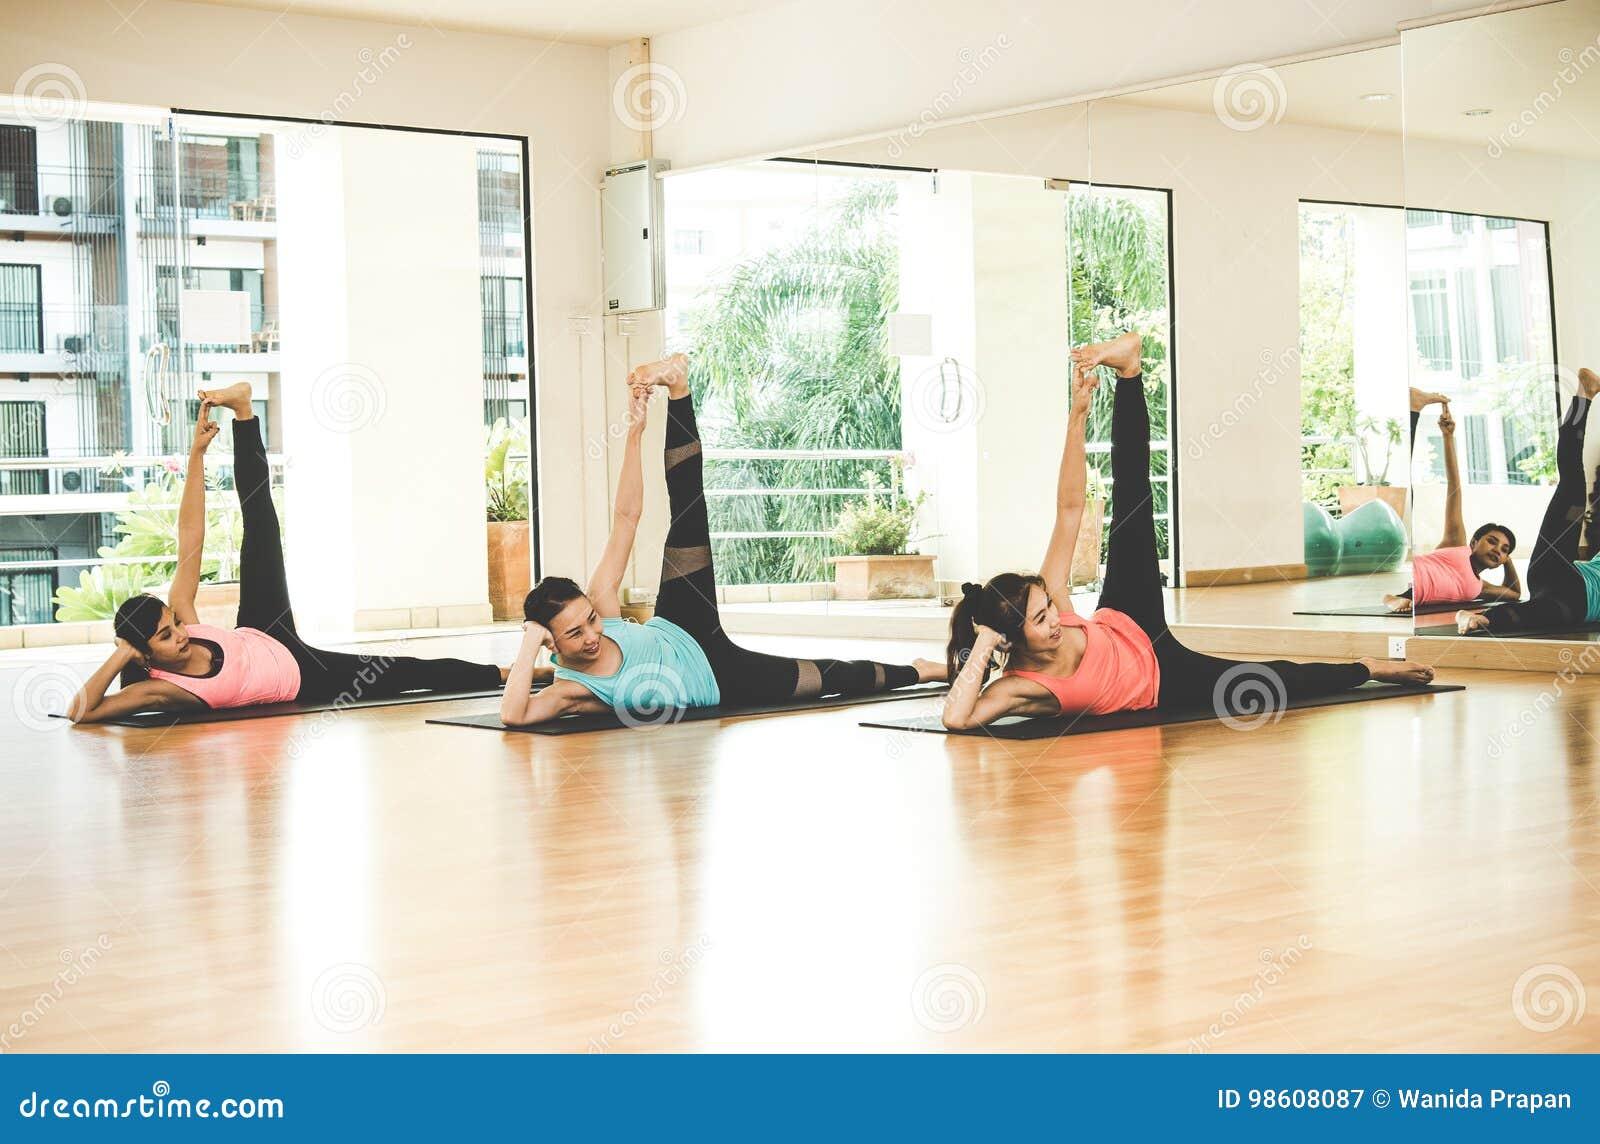 La forma de vida de la gente de Asia que practica y que ejercita vital medita yoga en sitio de clase